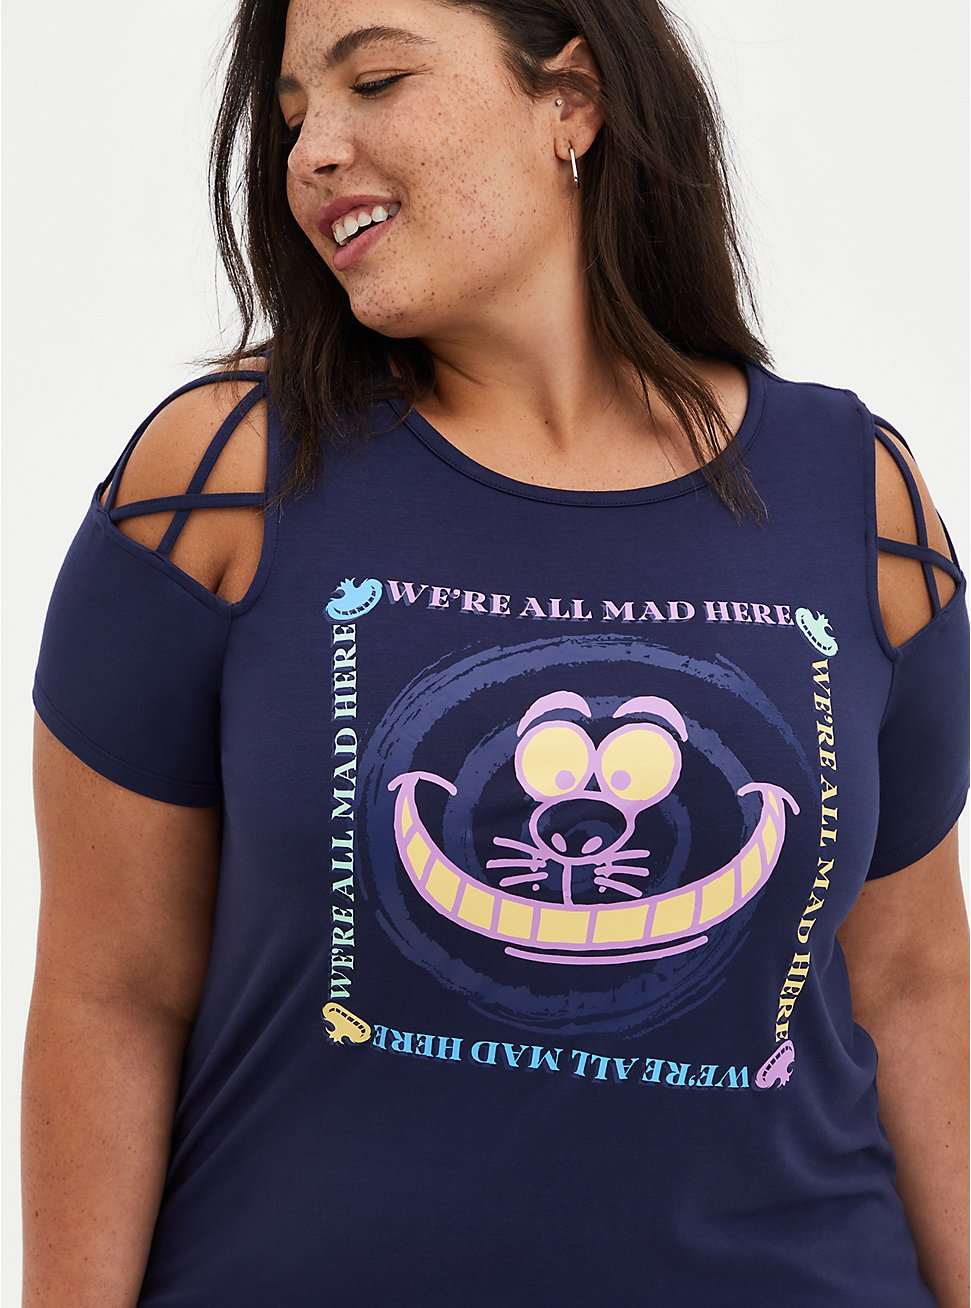 Disney Alice In Wonderland Cheshire Cat Lattice Sleeve Top, PEACOAT, hi-res